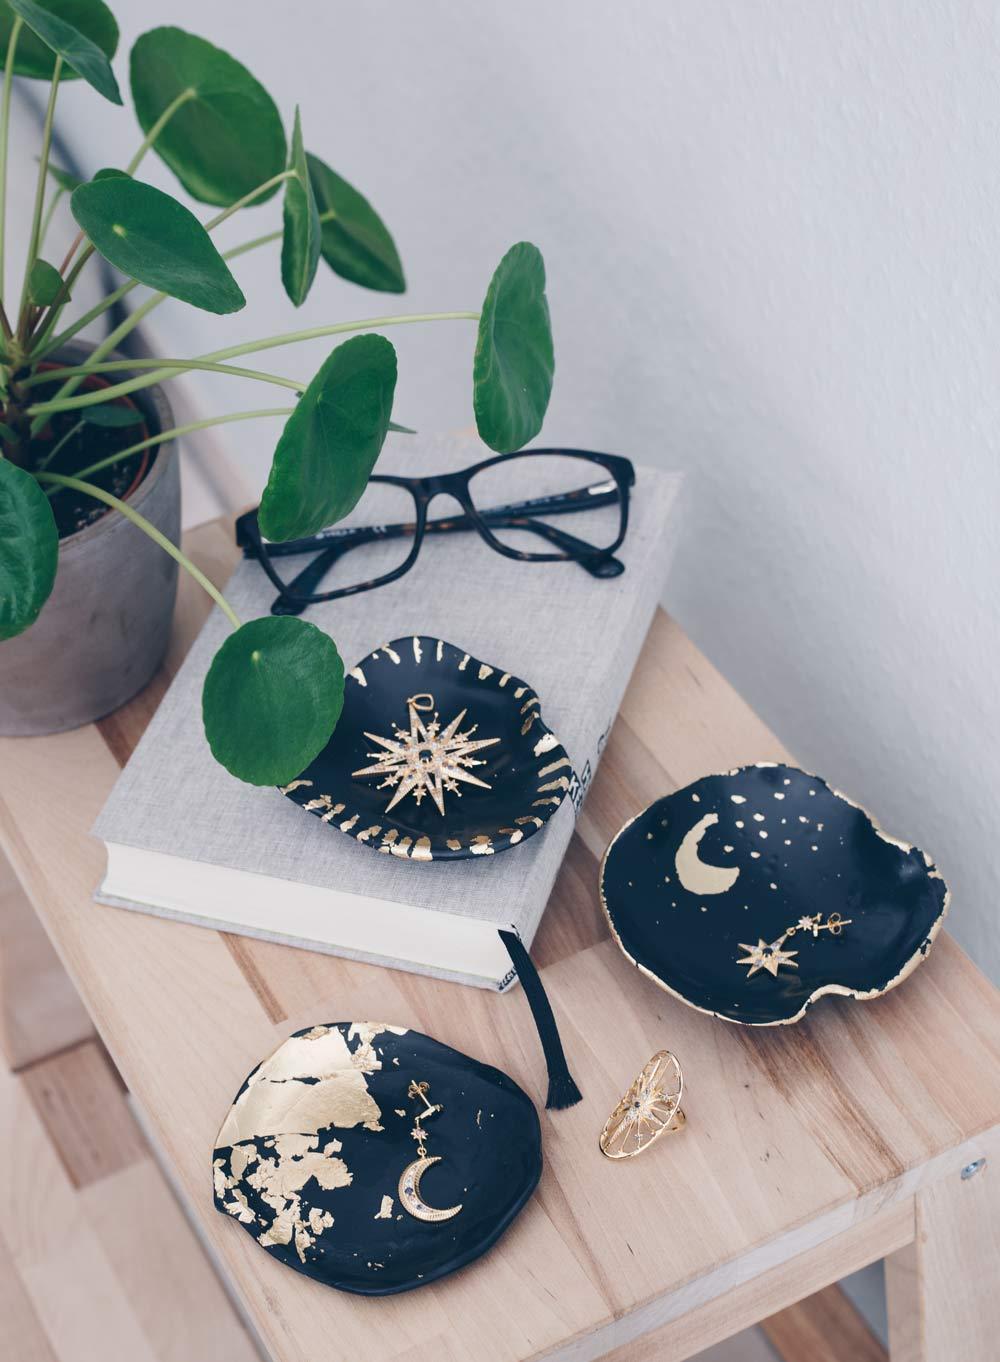 DIY Schmuckschälchen mit Blattgold selbermachen - Keramik Look - schöne DIY Geschenkidee